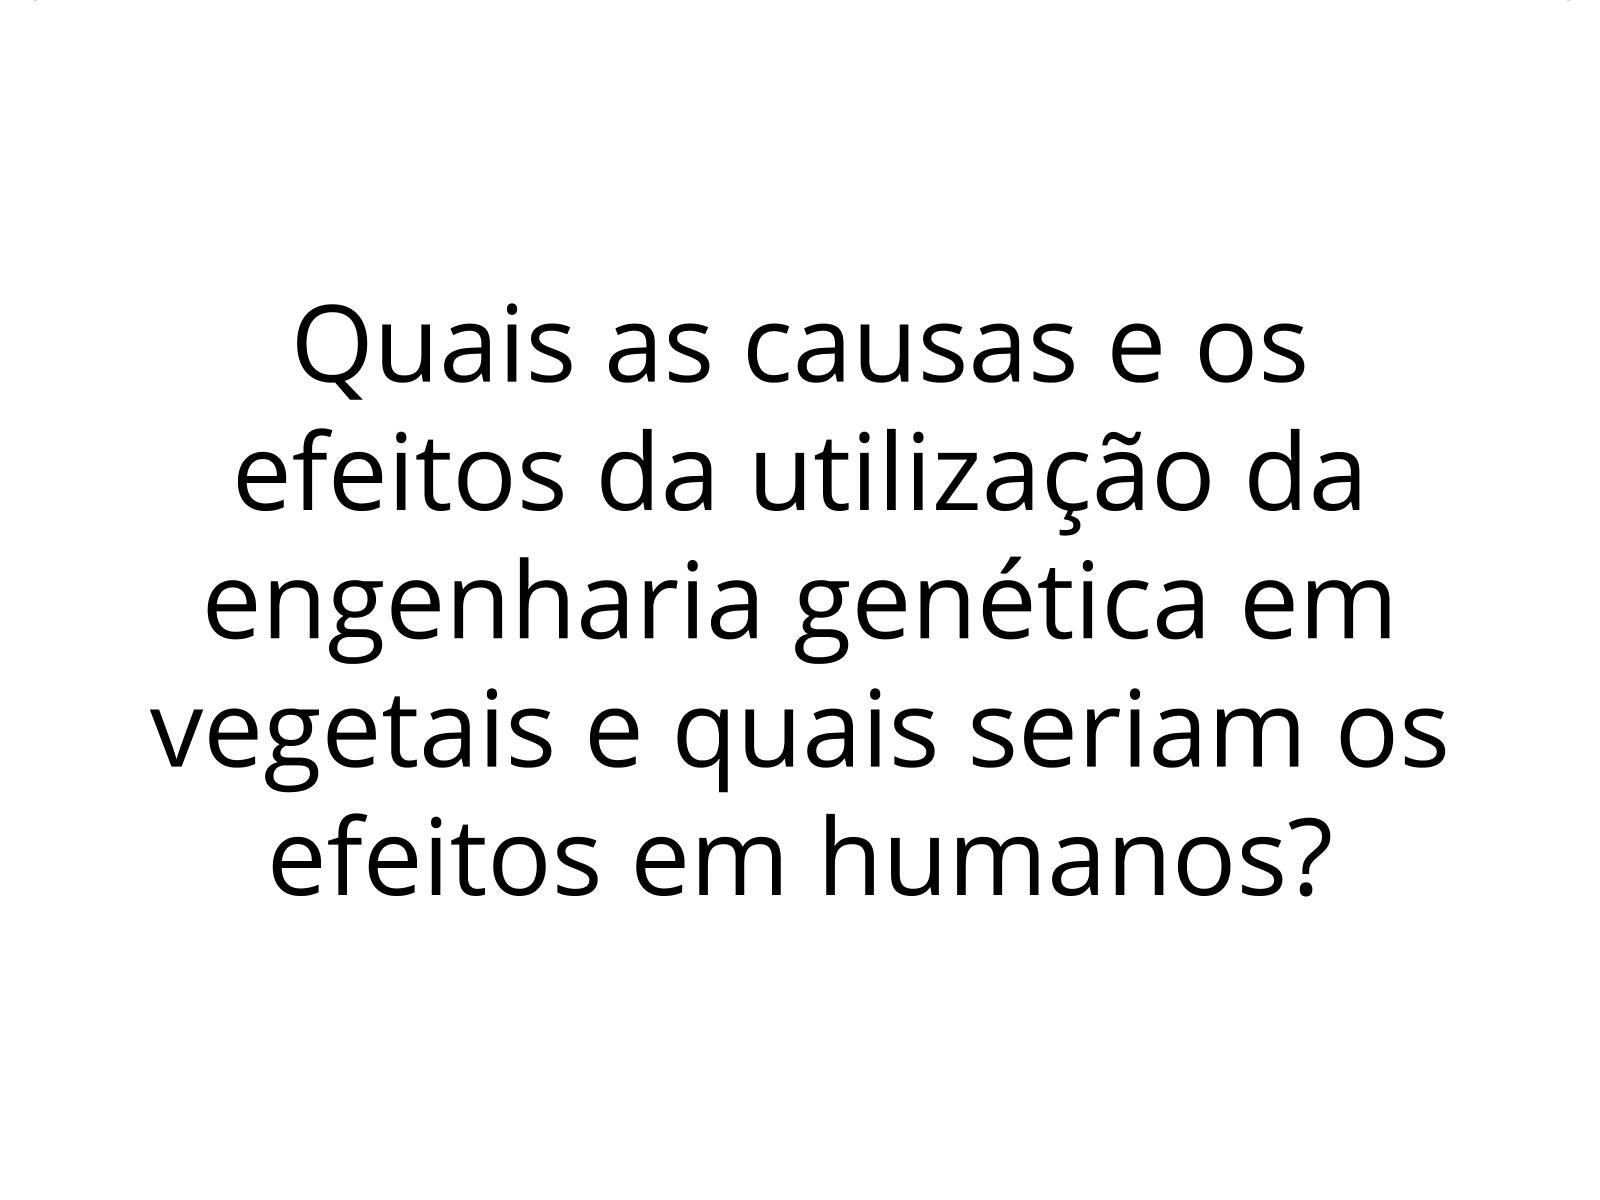 Dilemas do mundo atual - Engenharia genética